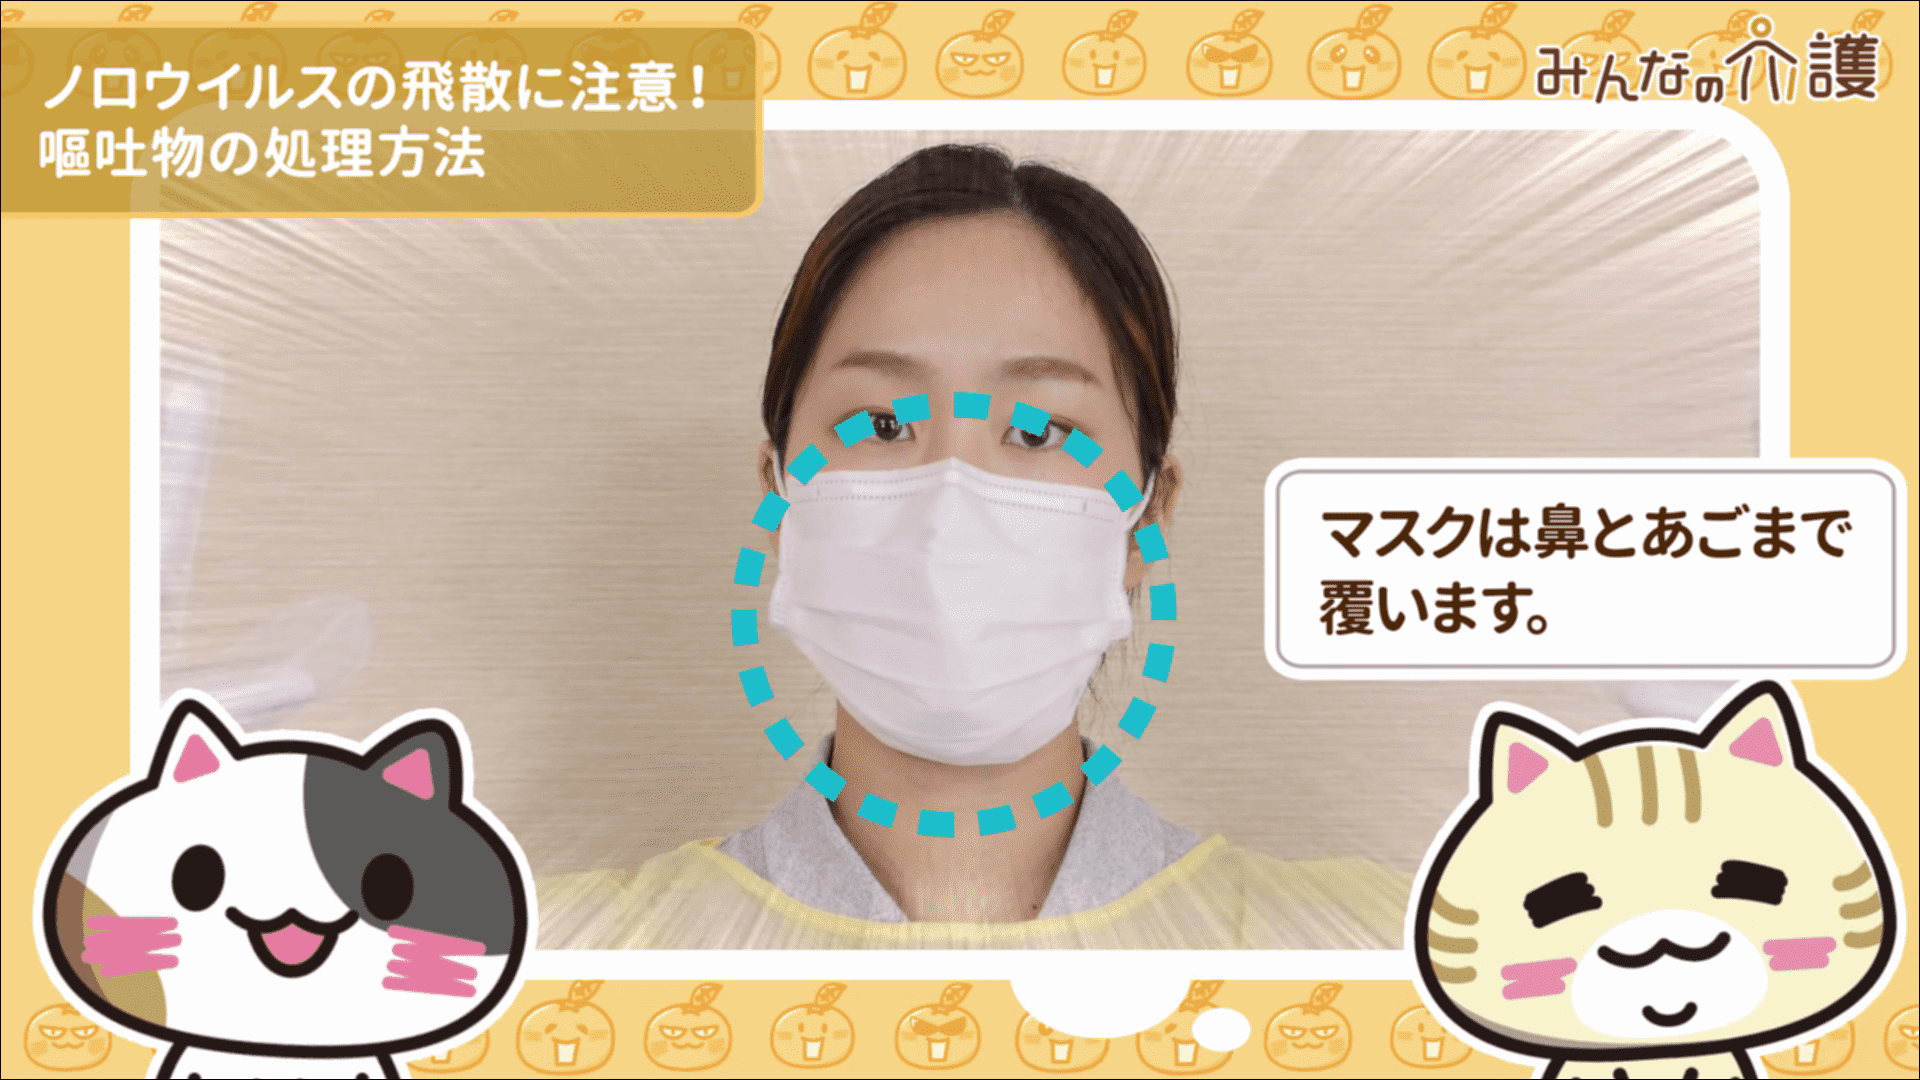 マスクを着用しているイメージ